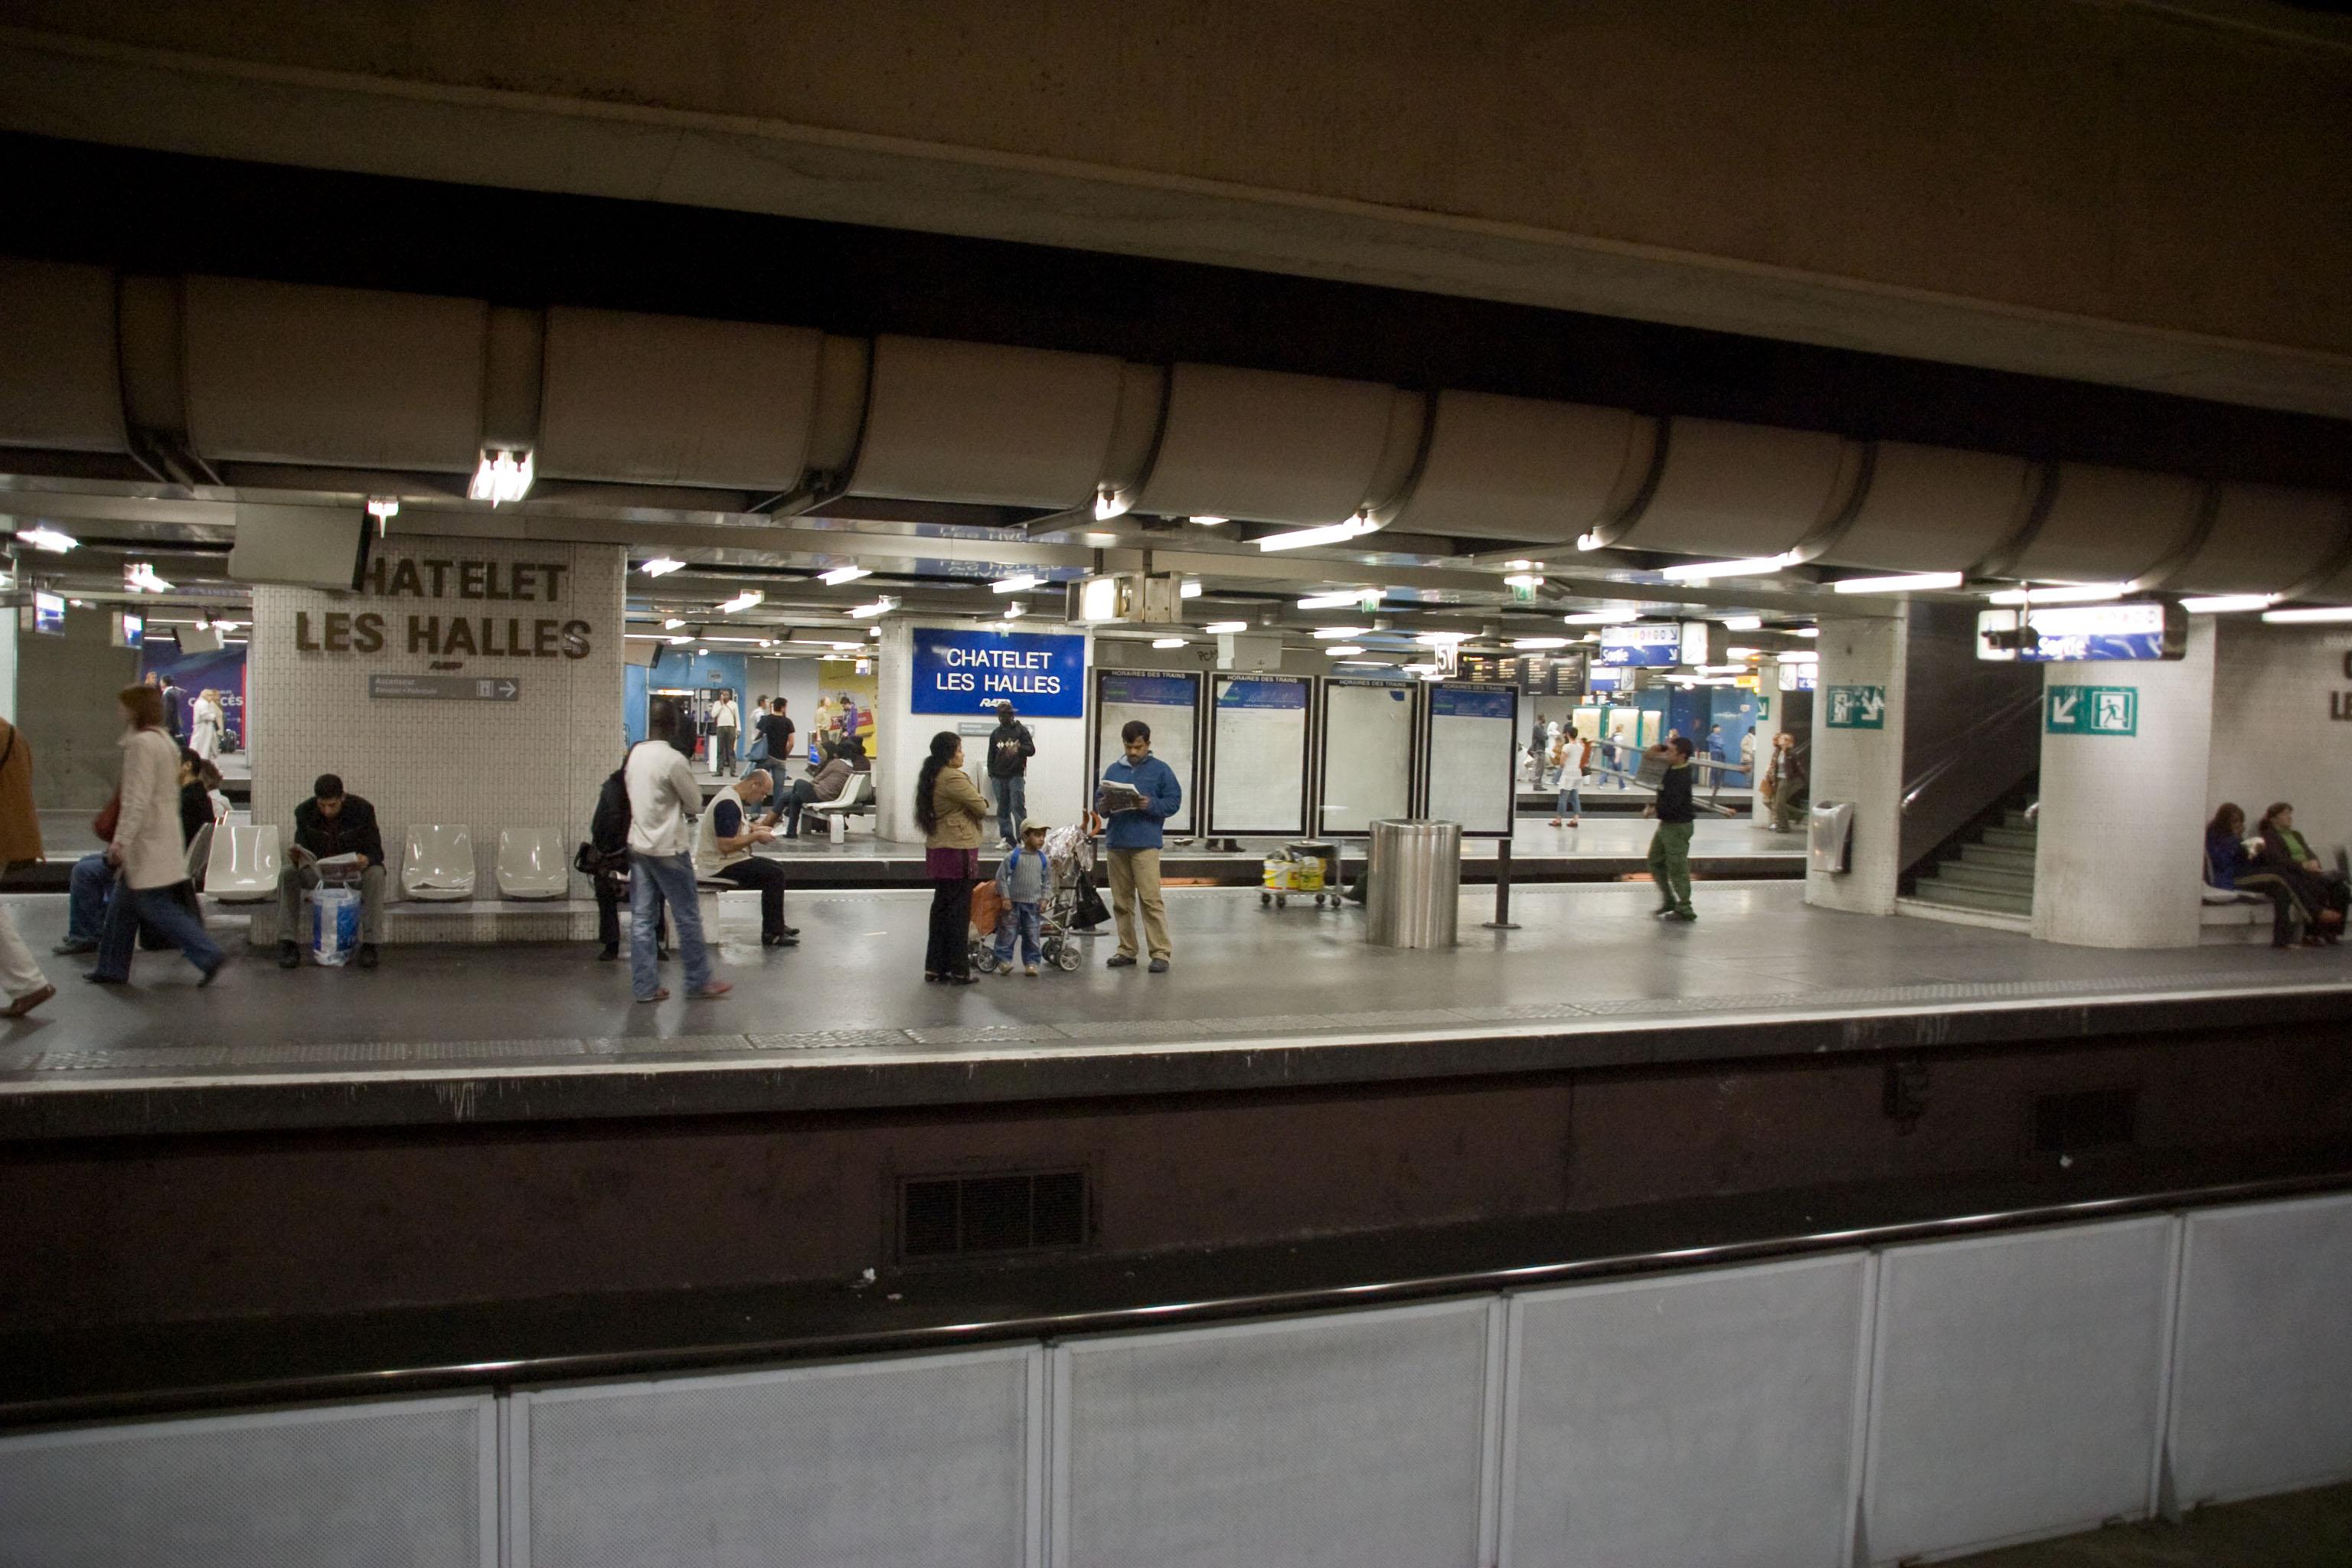 Gare de ch telet les halles wikiwand - Les halles paris magasins ...